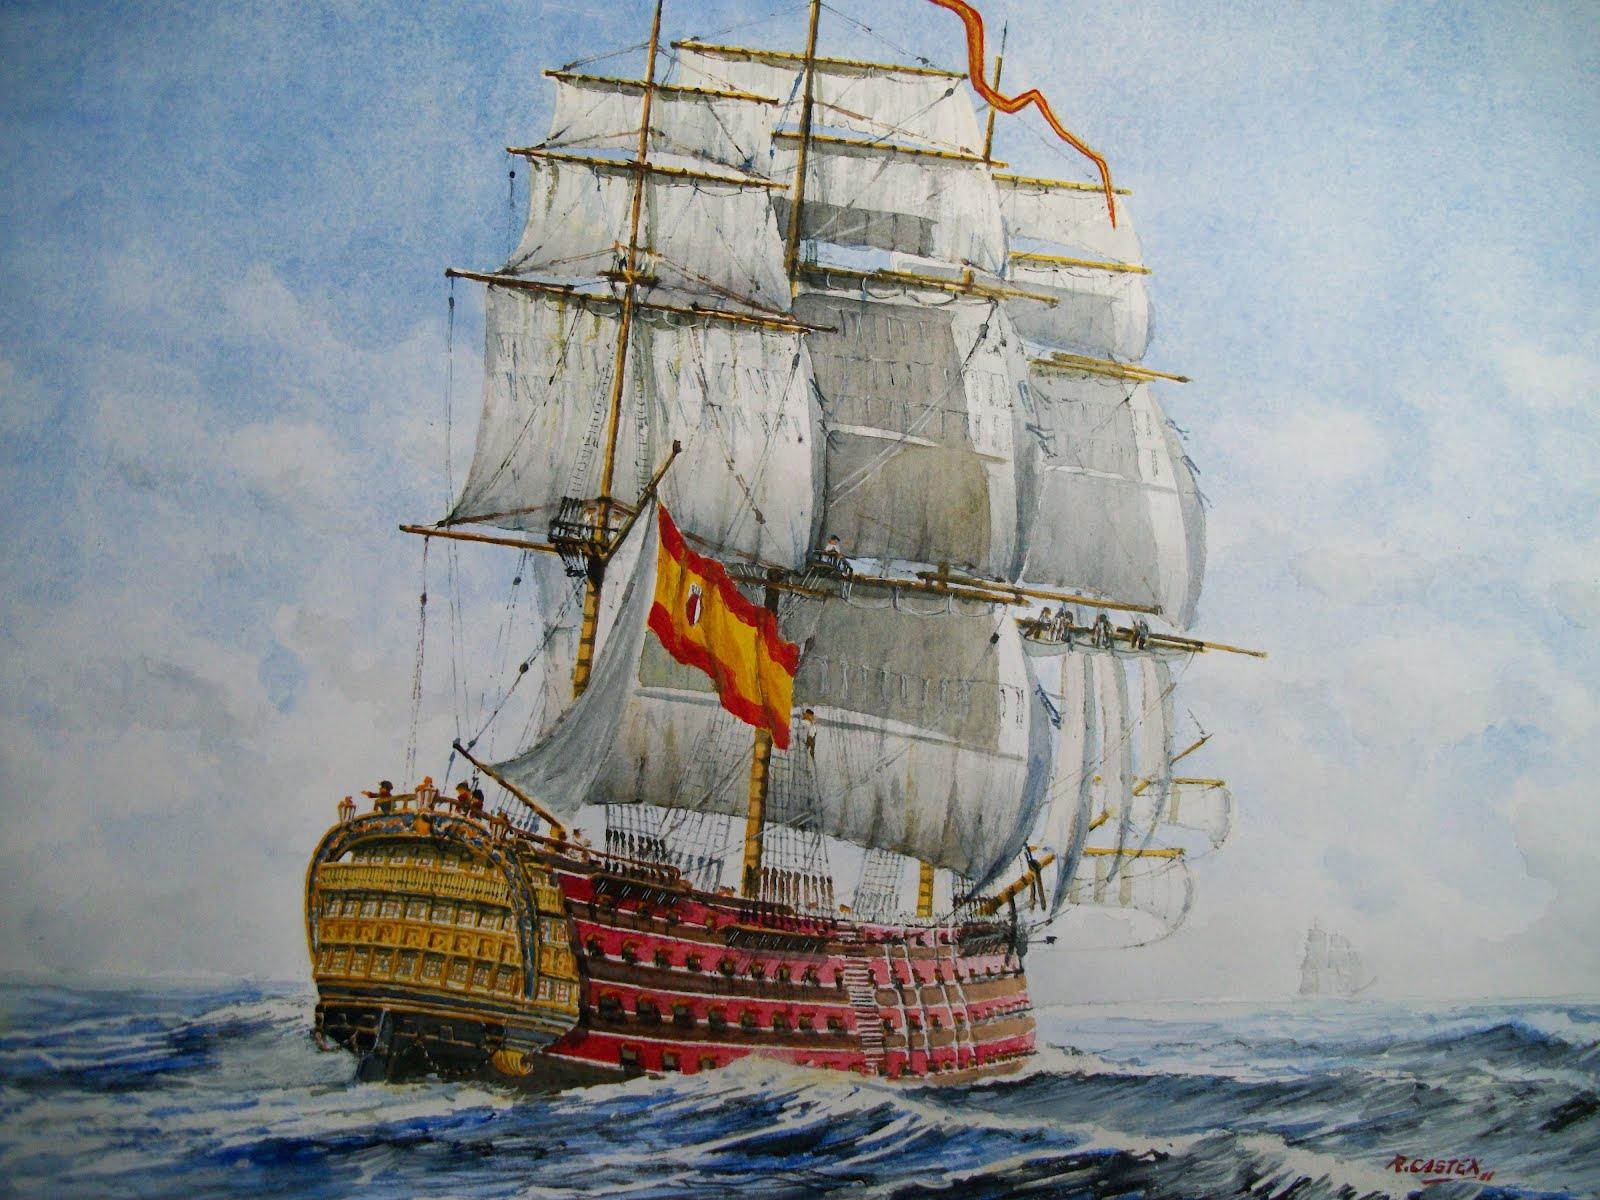 Колумбия vs сша: кому достанутся сокровища с затонувшего испанского корабля?